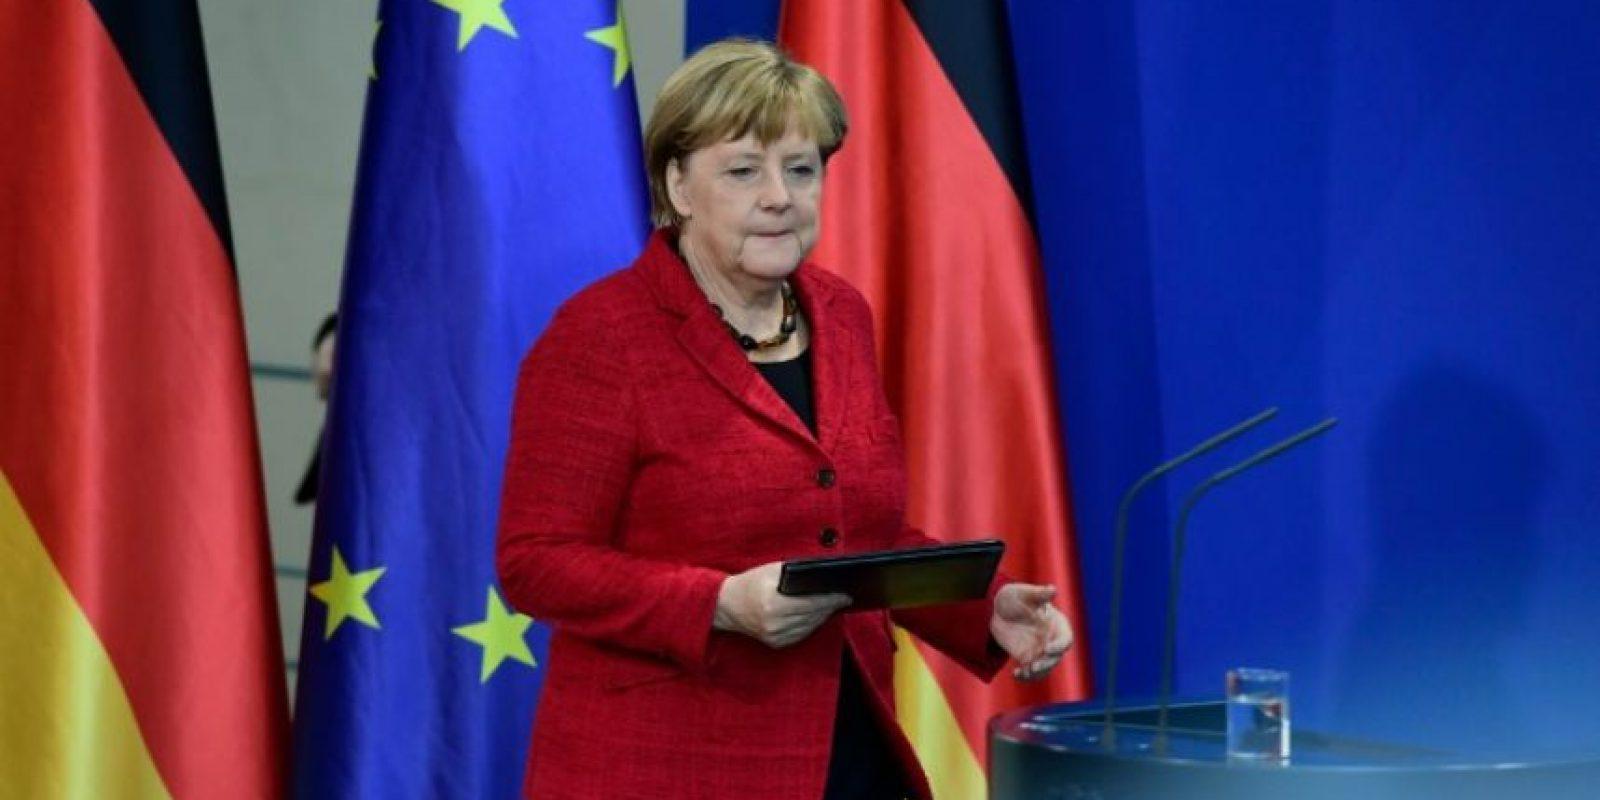 La canciller alemana, Angela Merkel, se dispone a comentar los resultados de las elecciones presidenciales en EEUU el 9 de noviembre de 2016 en Berlín Foto:Tobias Schwarz/afp.com